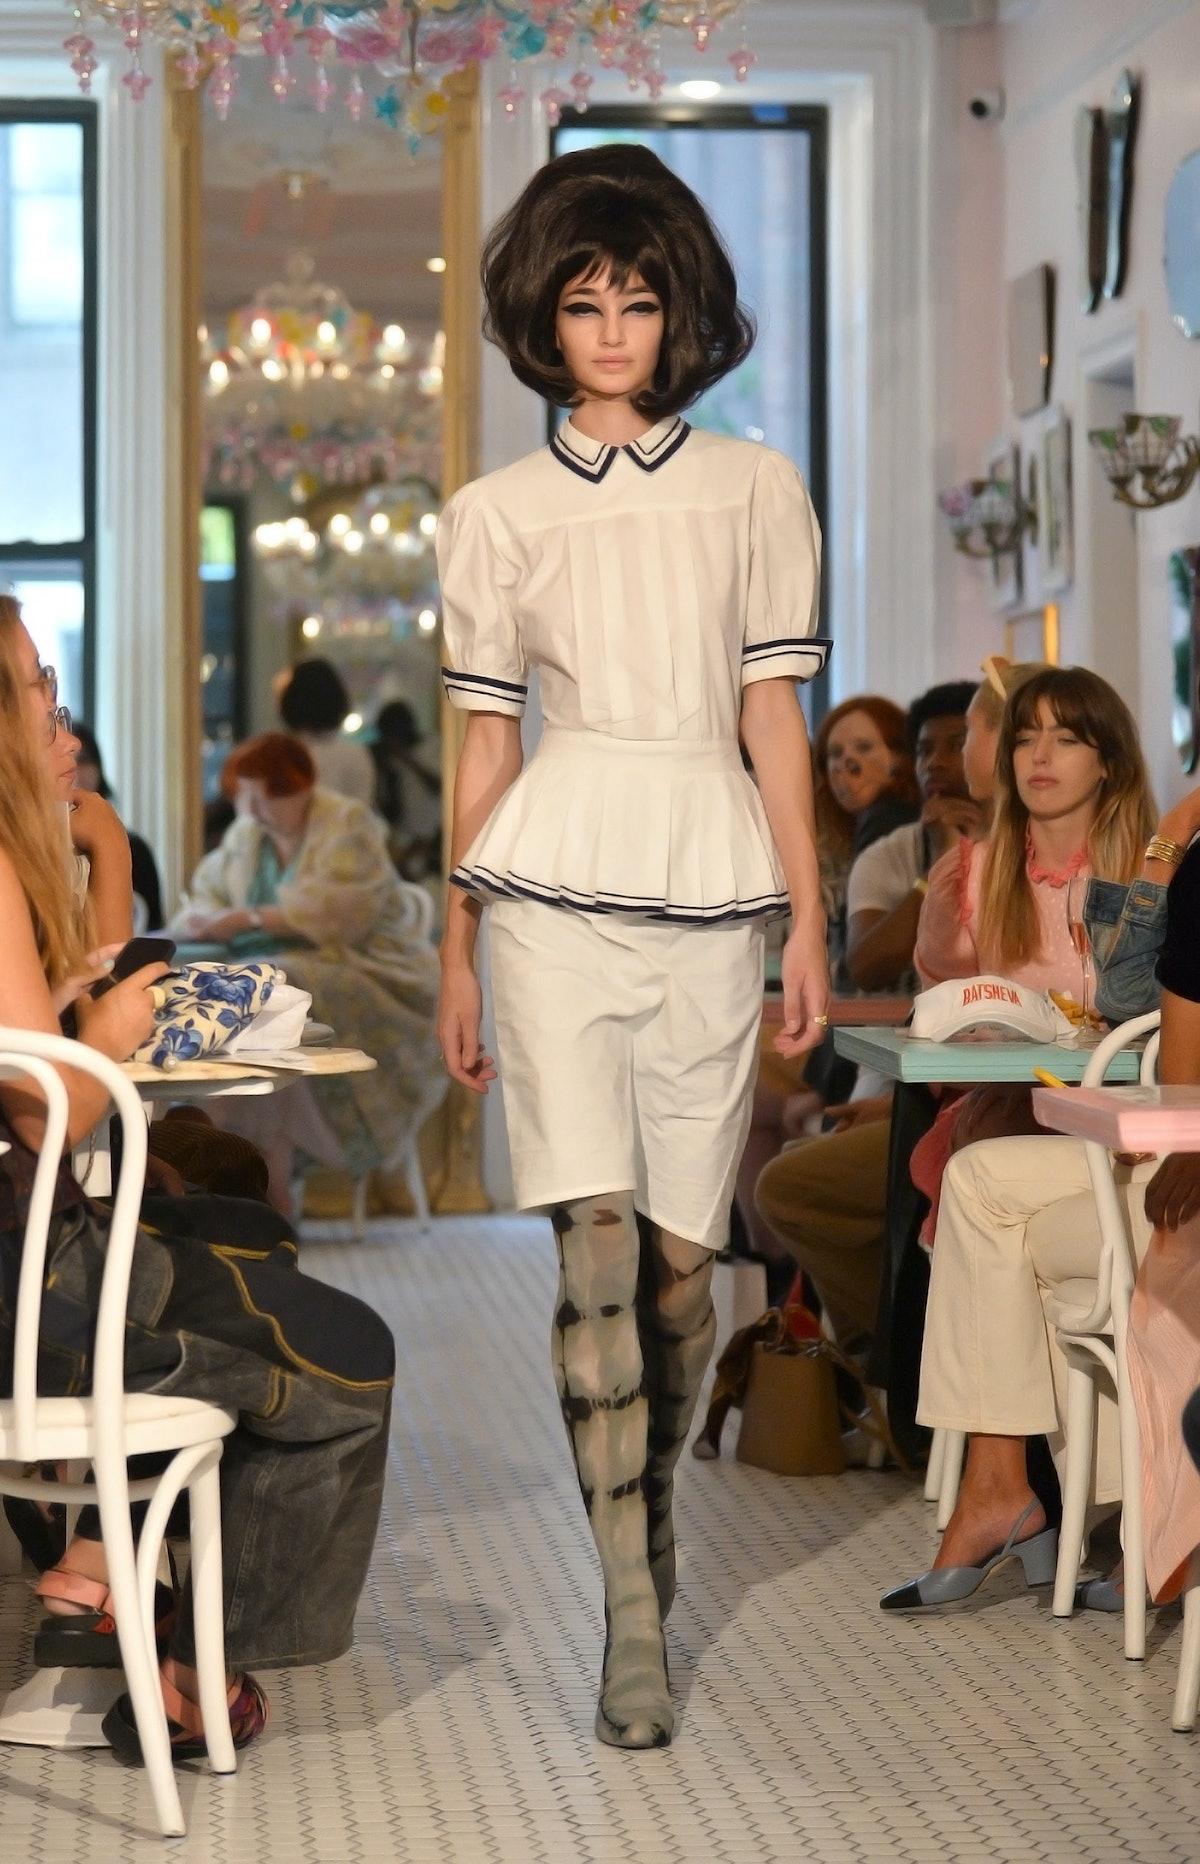 نیویورک ، نیویورک - 10 سپتامبر: یک مدل در نیویورک در بوتشوا روی باند پیاده روی می کند: نمایش ها در اس ...